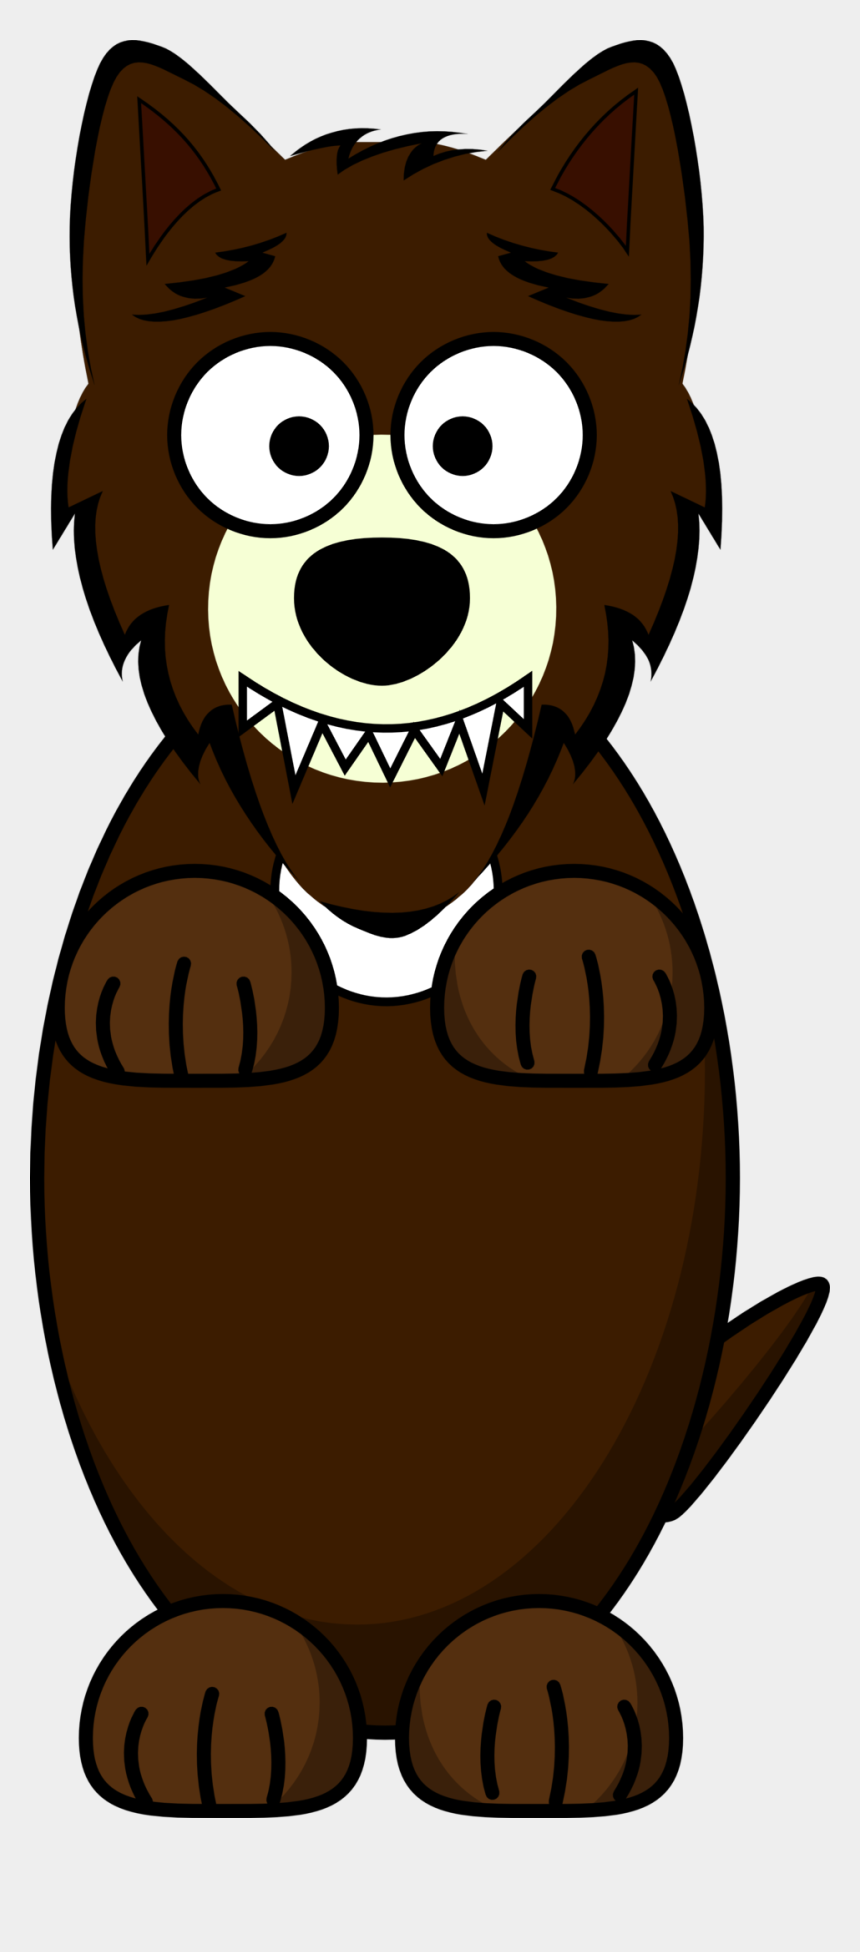 wolf clipart, Cartoons - Clipart - Cartoon Wolf - 3 Little Pigs Wolf